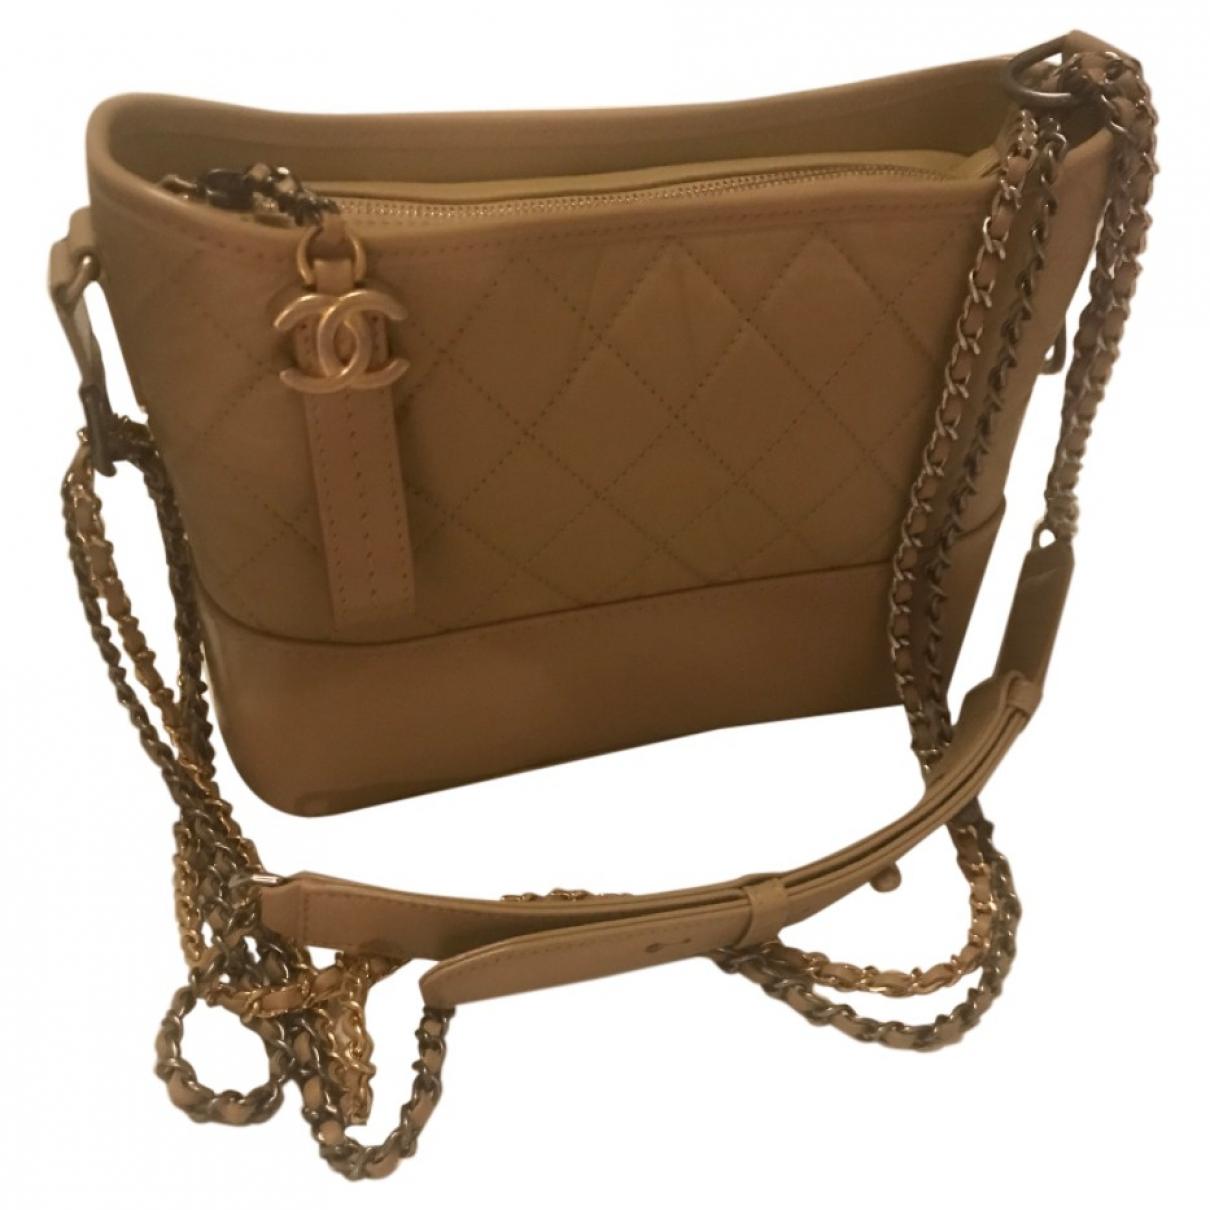 Chanel Gabrielle Handtasche in  Beige Leder